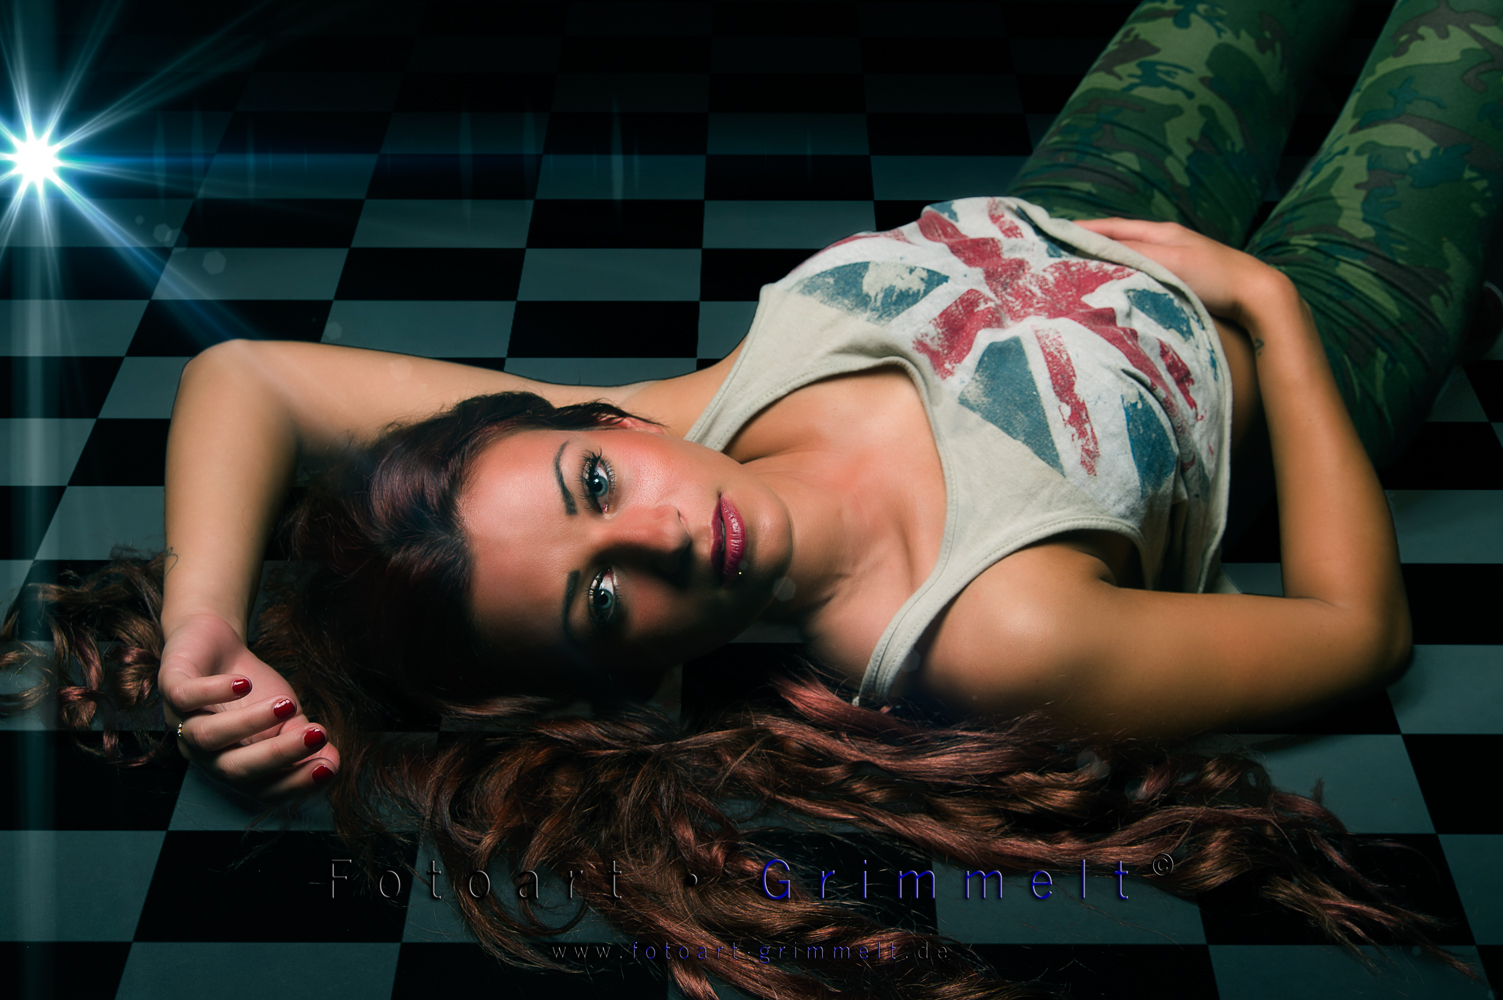 Jessica Krutul